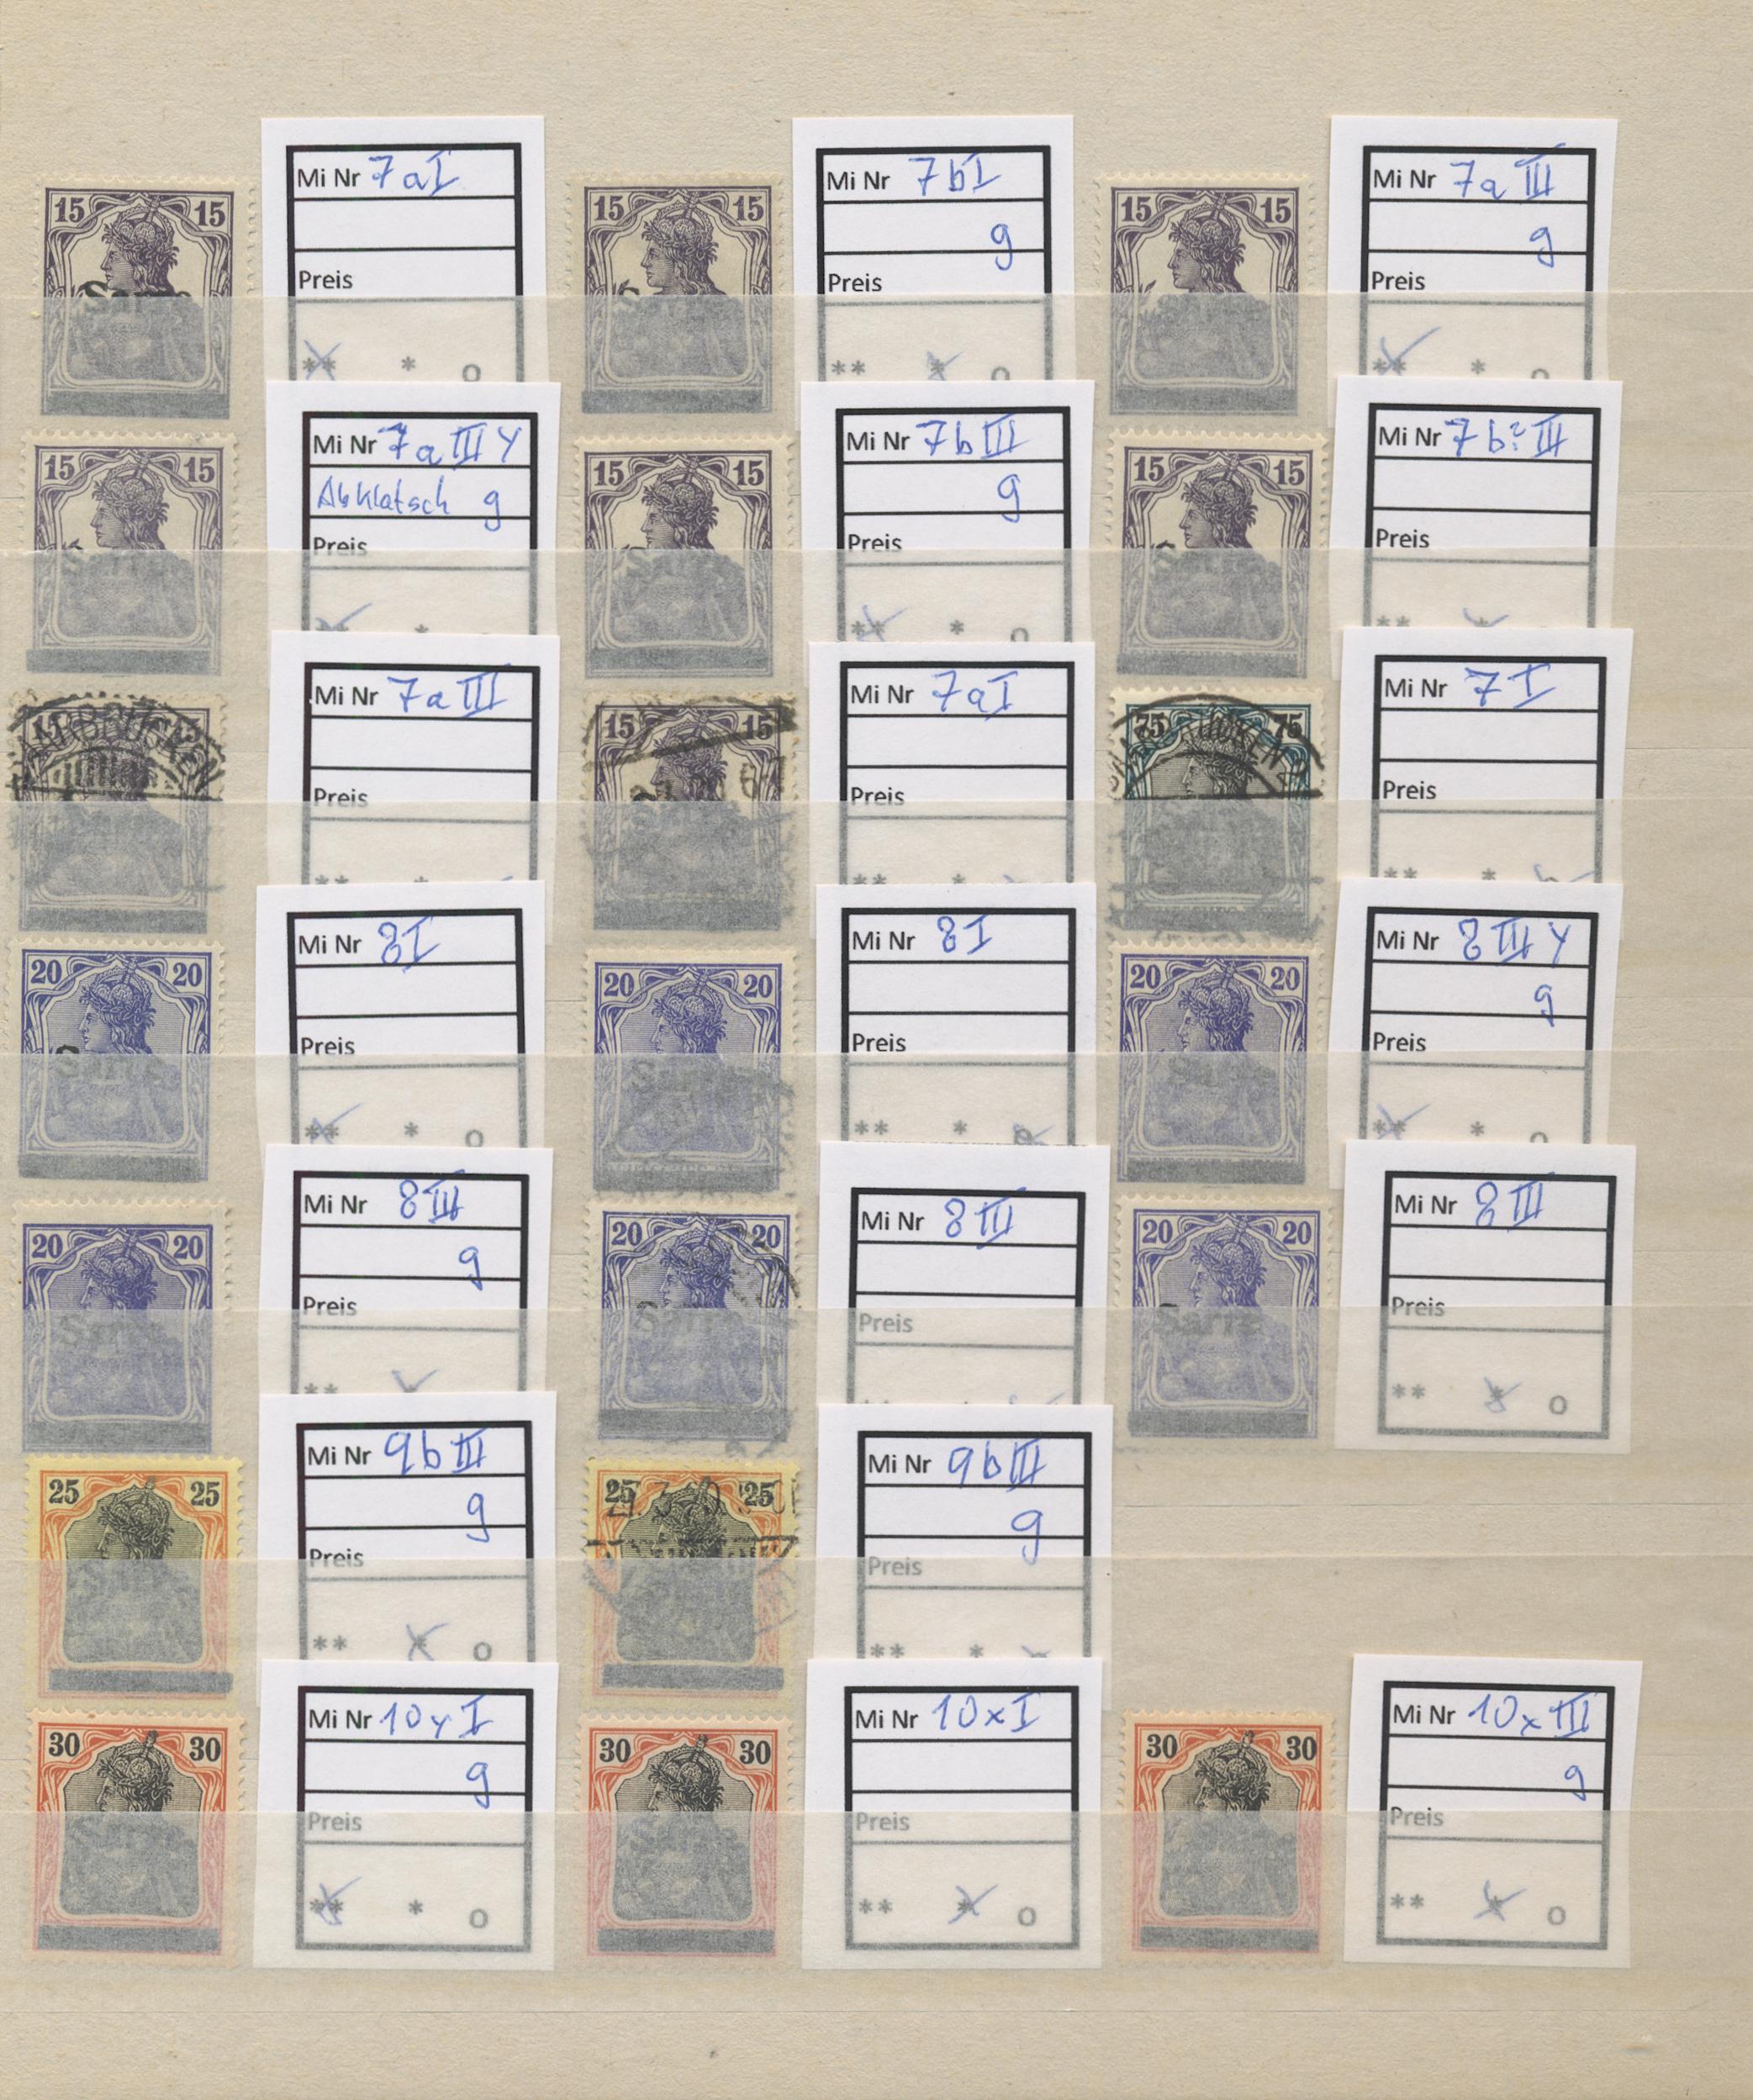 Lot 23667 - Deutsche Abstimmungsgebiete: Saargebiet  -  Auktionshaus Christoph Gärtner GmbH & Co. KG 50th Auction Anniversary Auction - Day 7